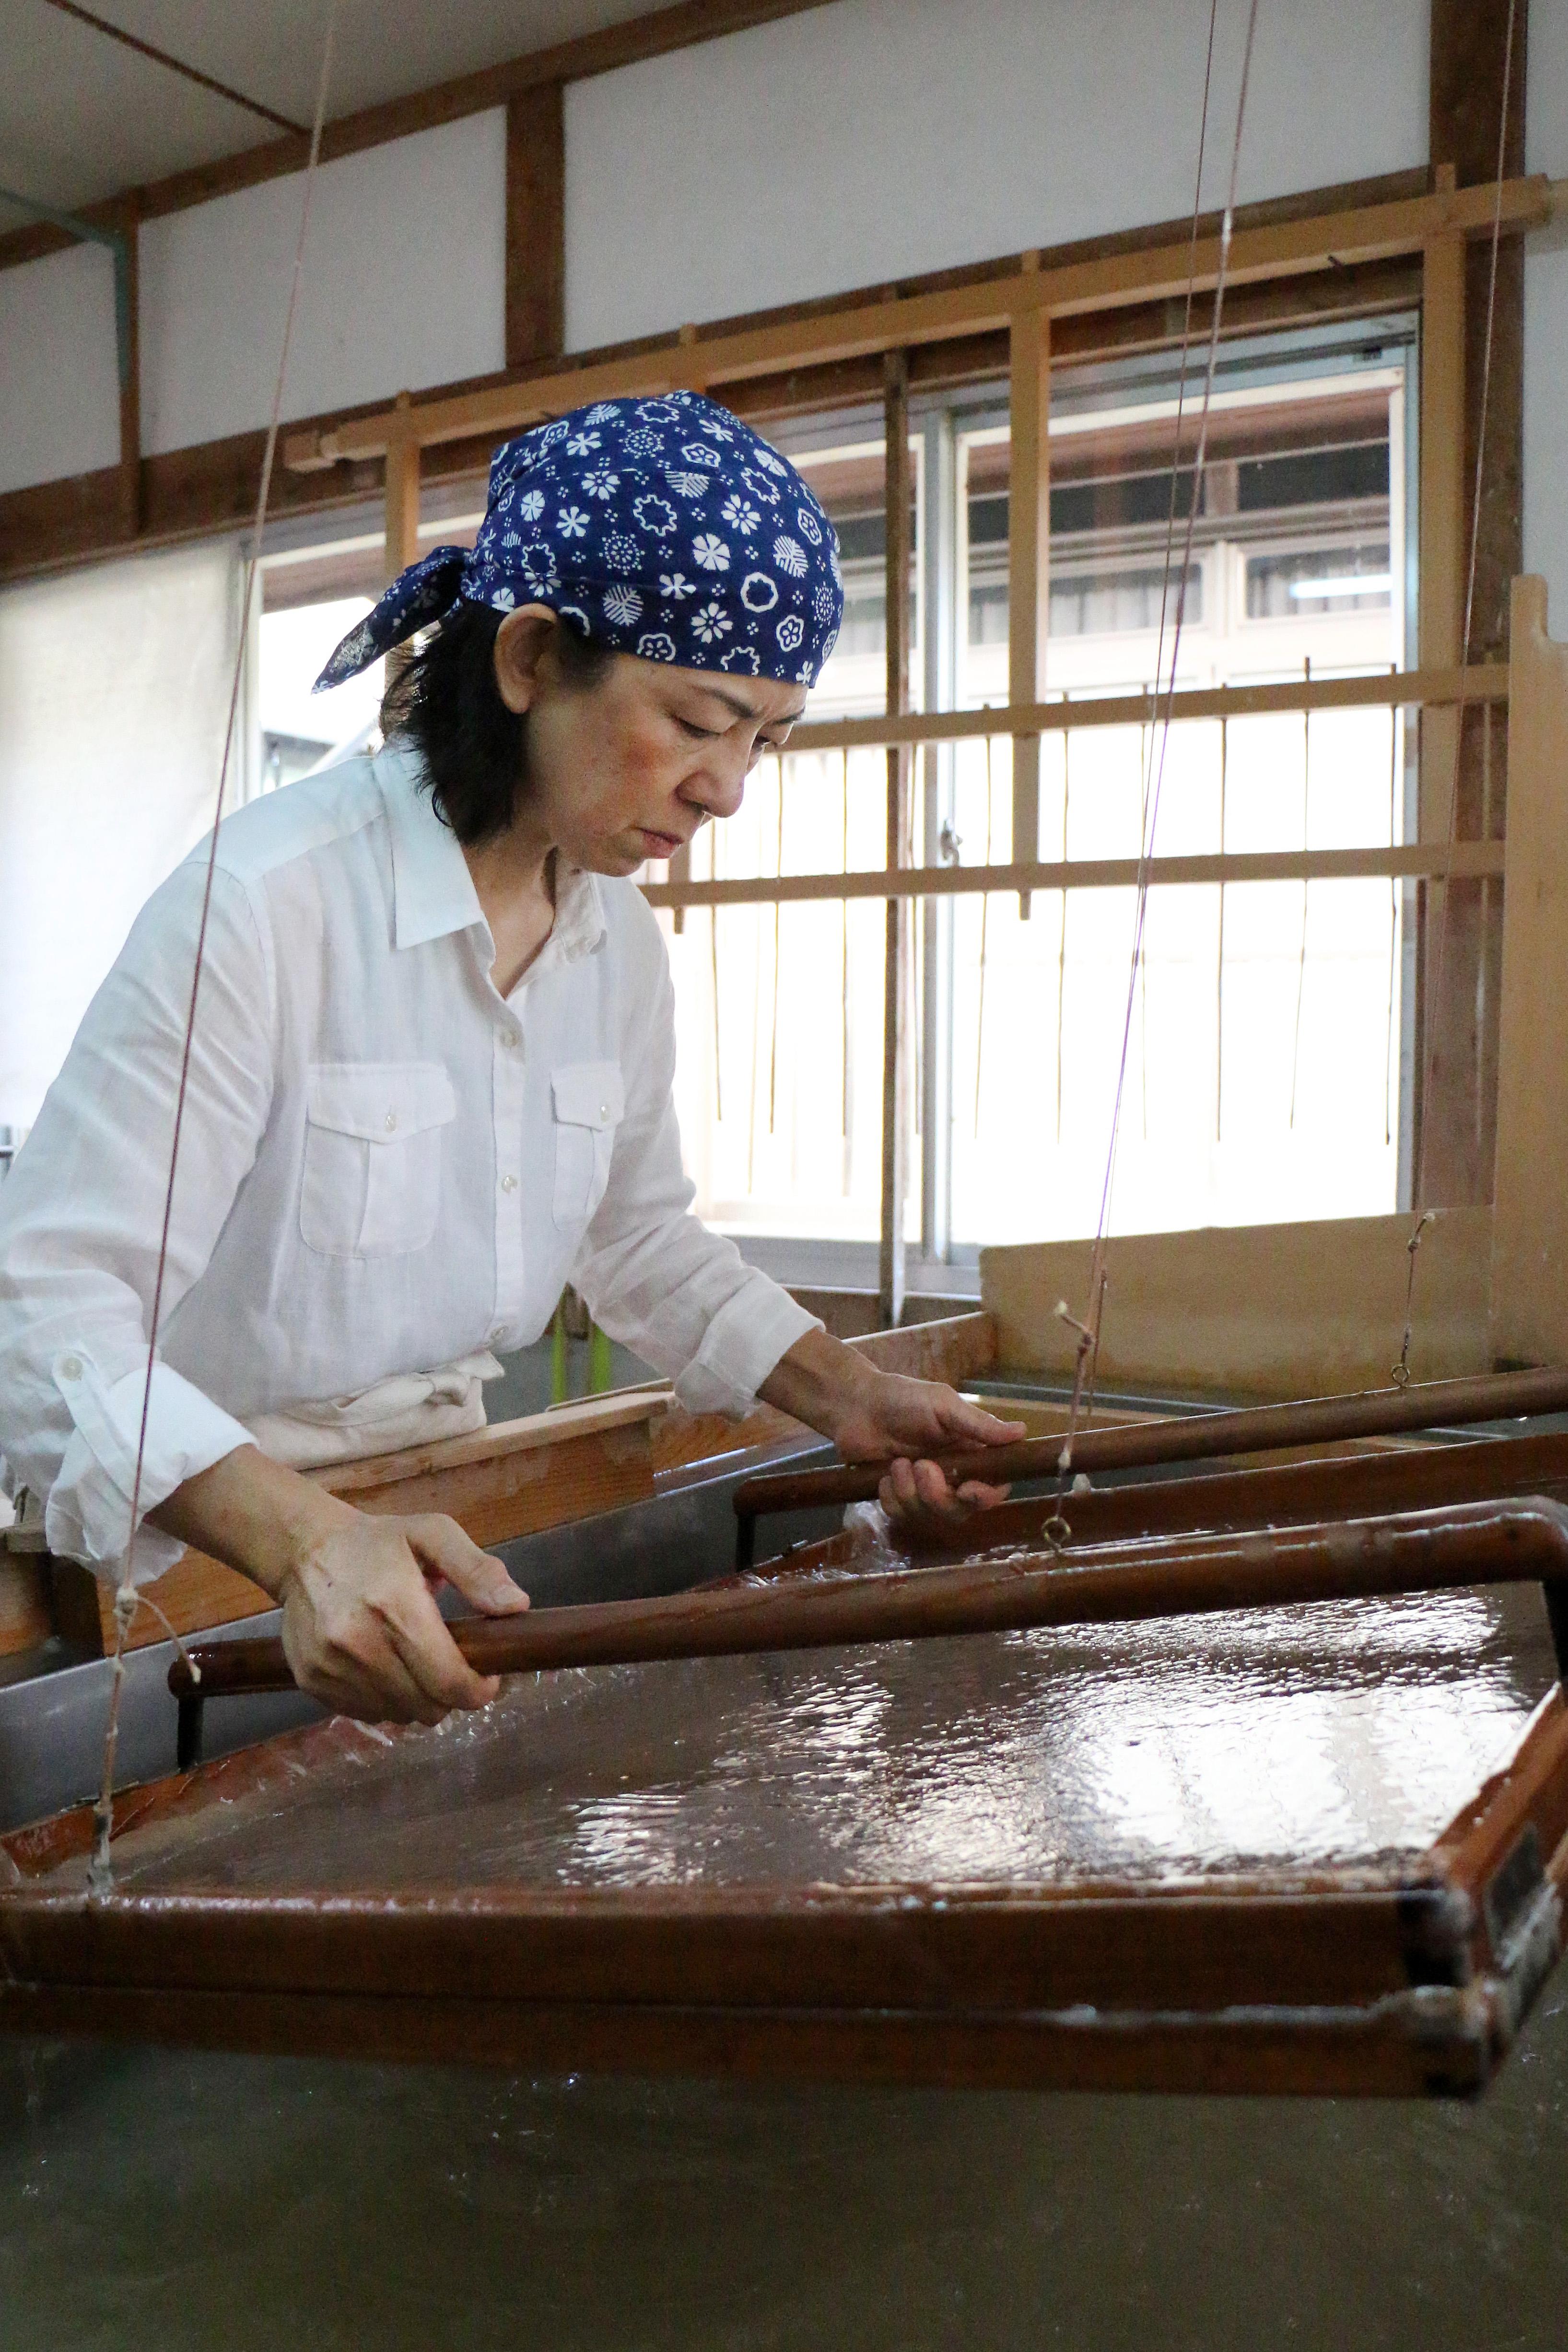 IMG_8364_Kiyoko Urabe_Usu-Mino papermaker